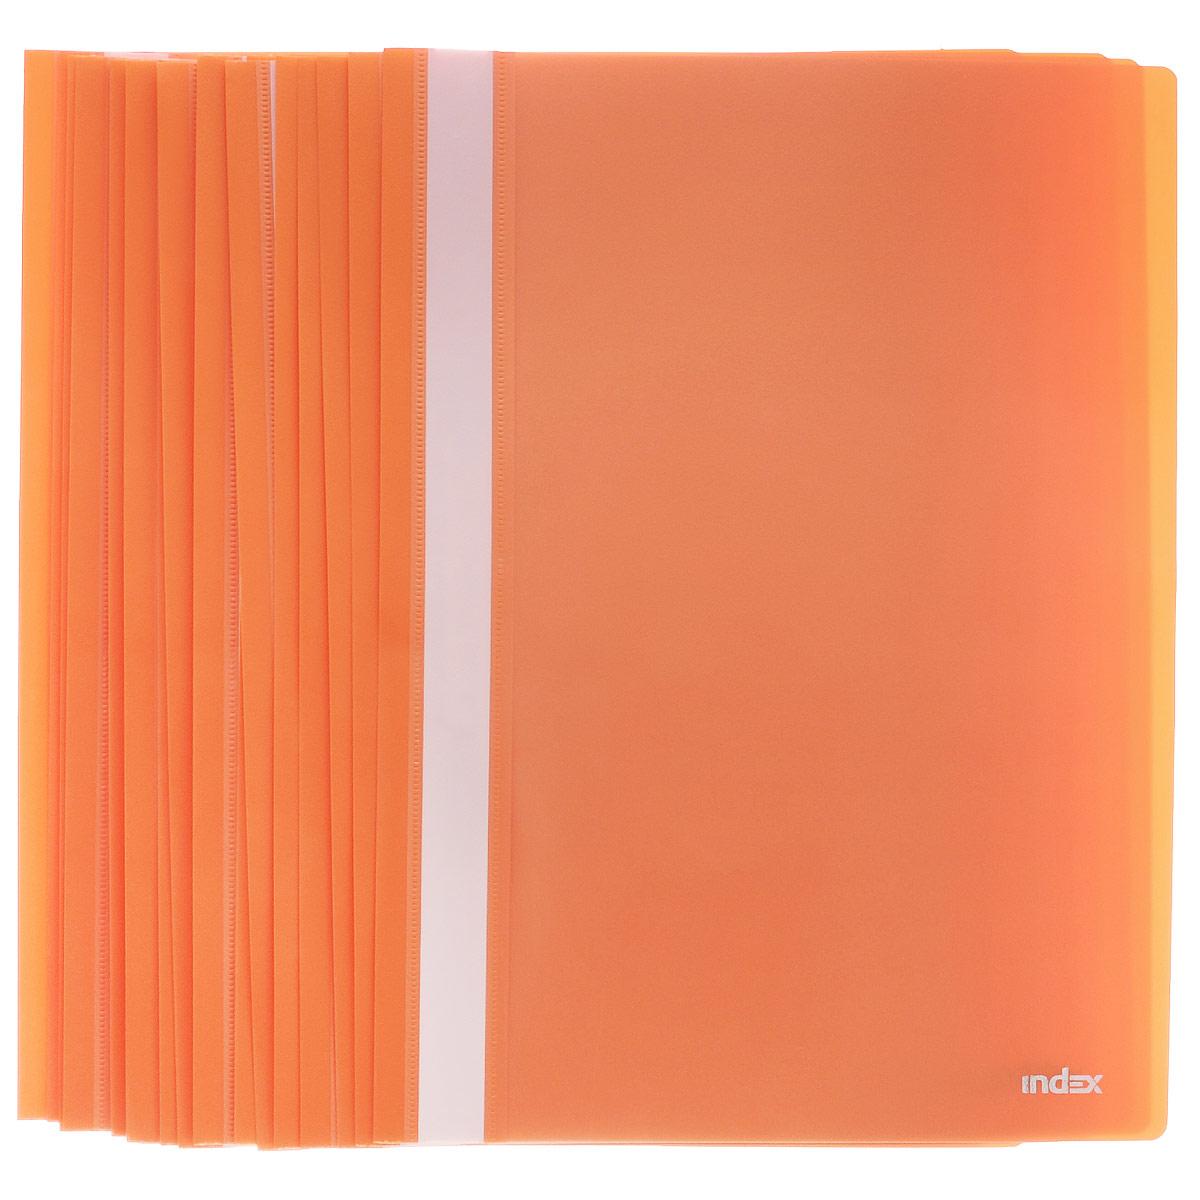 Папка-скоросшиватель Index, цвет: оранжевый. Формат А4, 20 штI200/ORПапка-скоросшиватель Index, изготовленная из высококачественного полипропилена, это удобный и практичный офисный инструмент, предназначенный для хранения и транспортировки рабочих бумаг и документов формата А4. Папка оснащена верхним прозрачным матовым листом и металлическим зажимом внутри для надежного удержания бумаг. В наборе - 20 папок. Папка-скоросшиватель - это незаменимый атрибут для студента, школьника, офисного работника. Такая папка надежно сохранит ваши документы и сбережет их от повреждений, пыли и влаги. Комплектация: 20 шт.